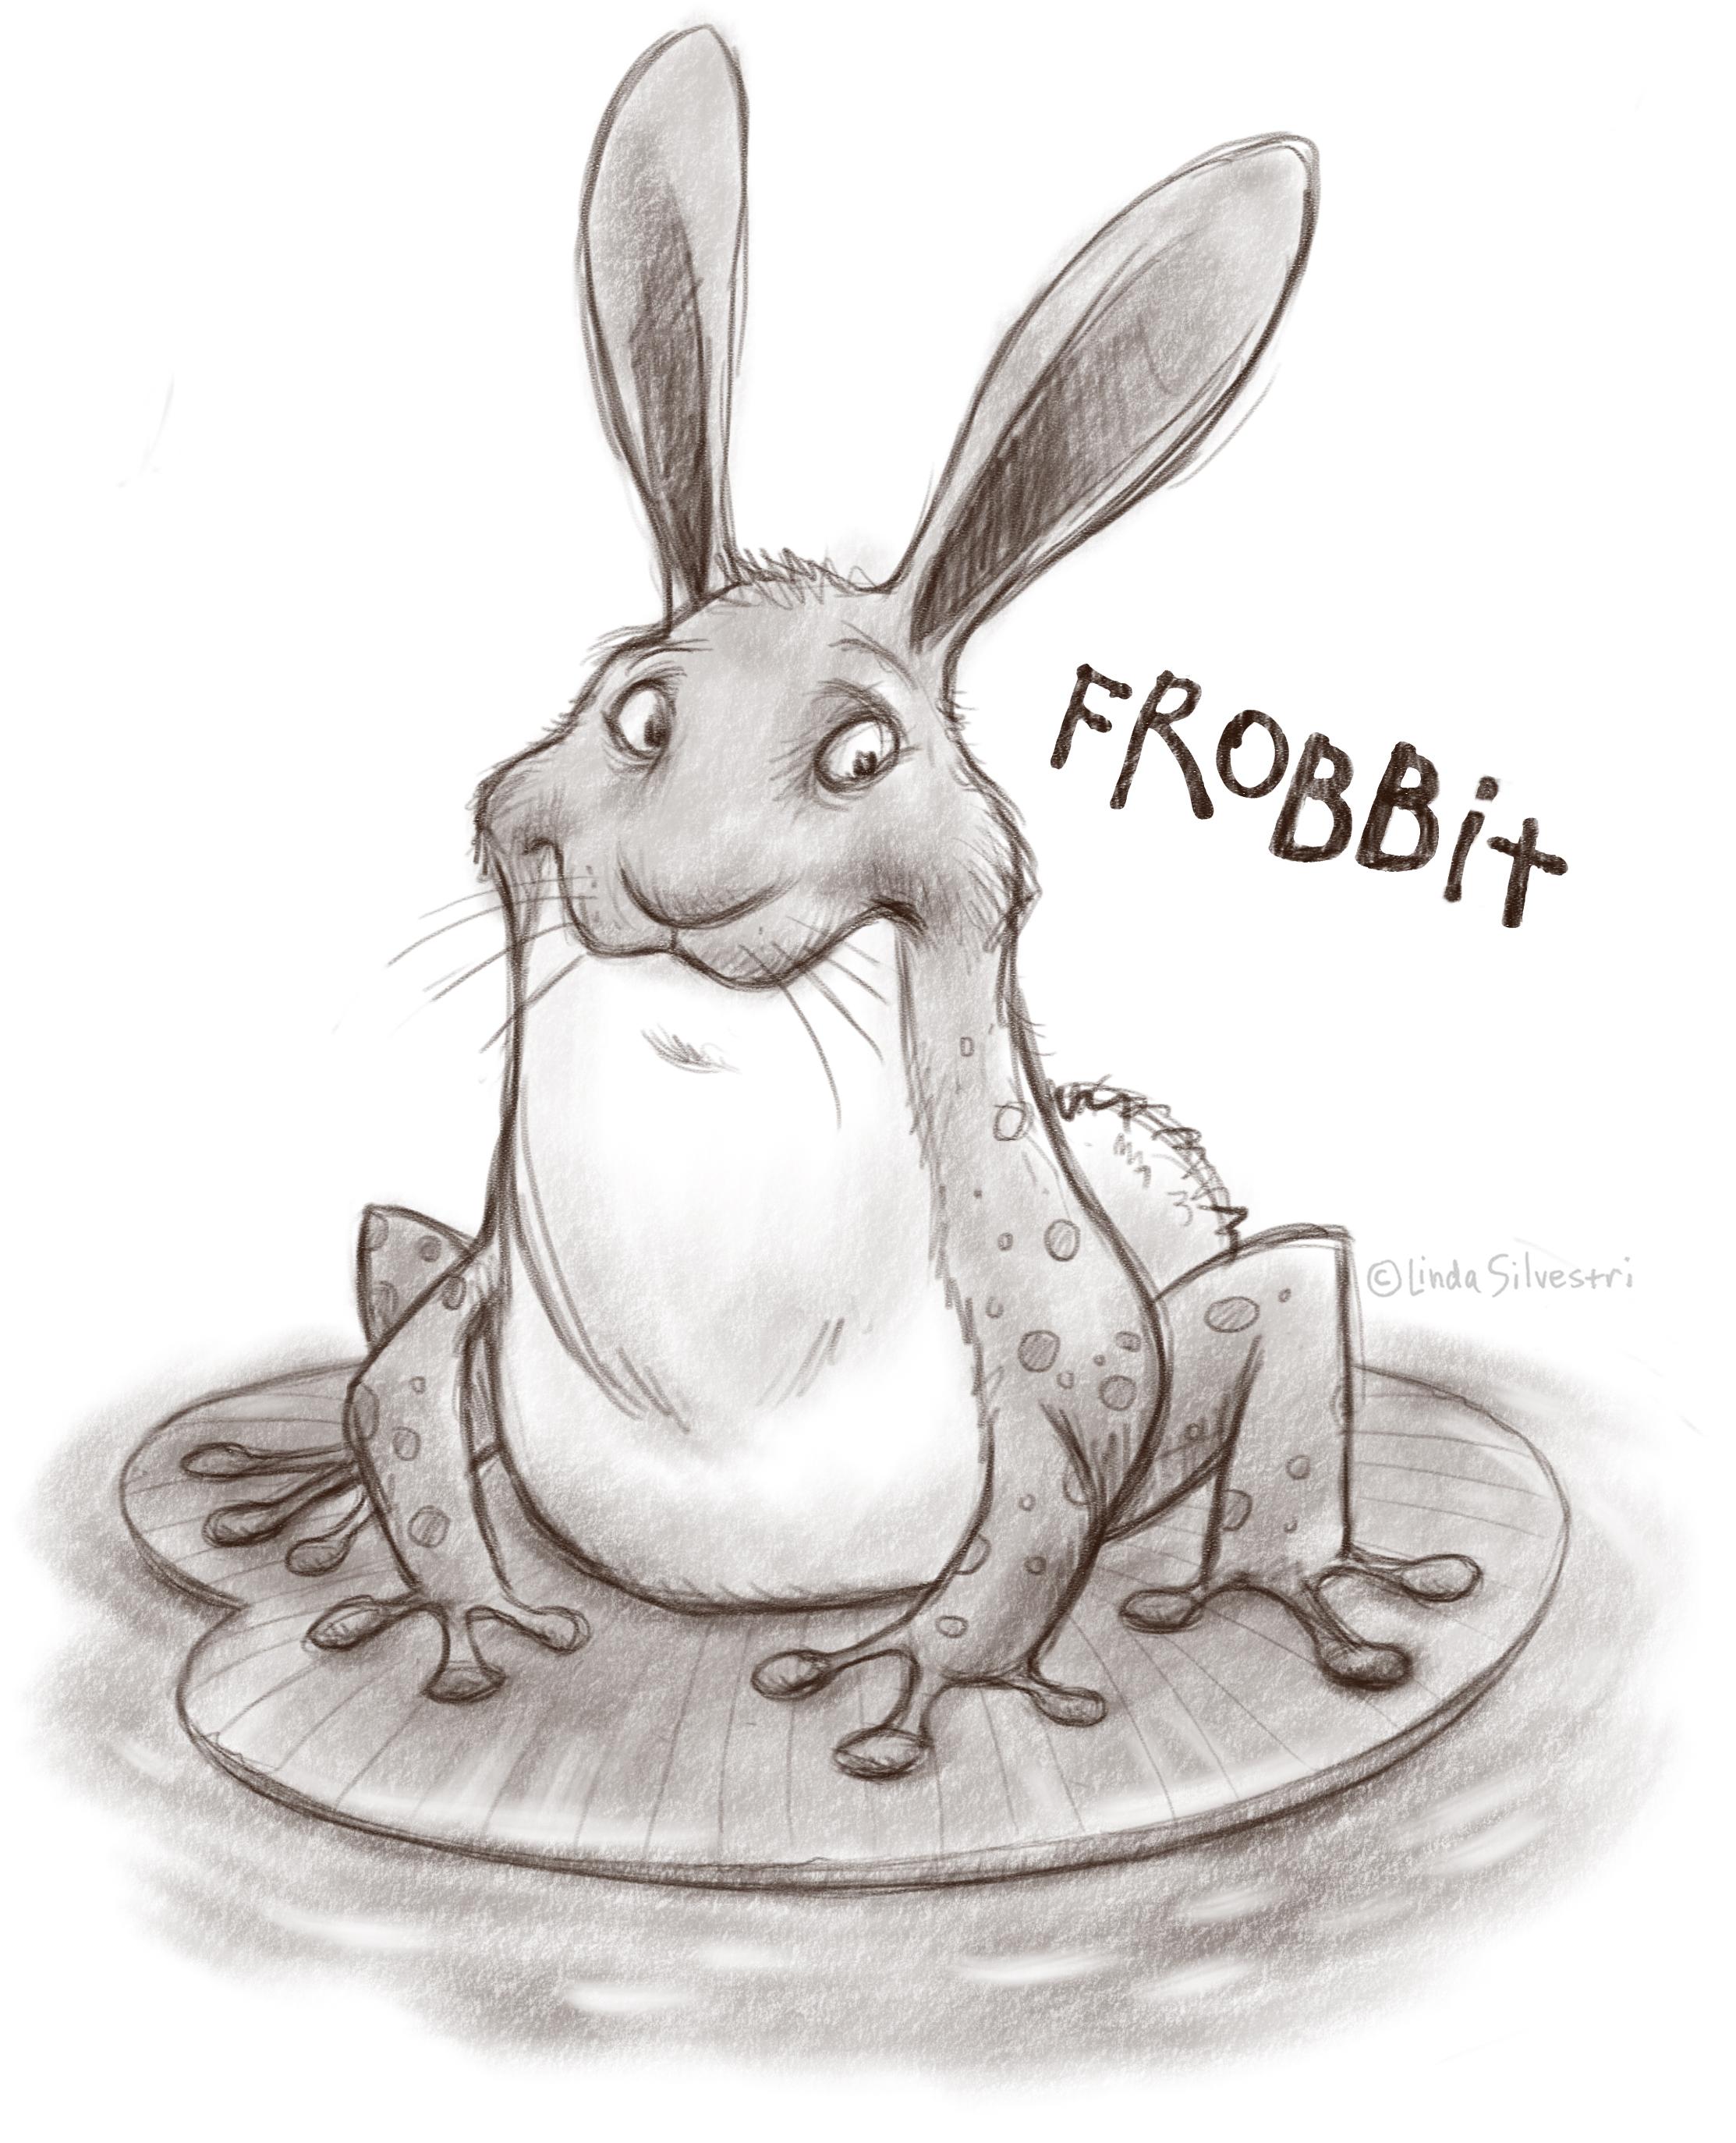 Frobbit